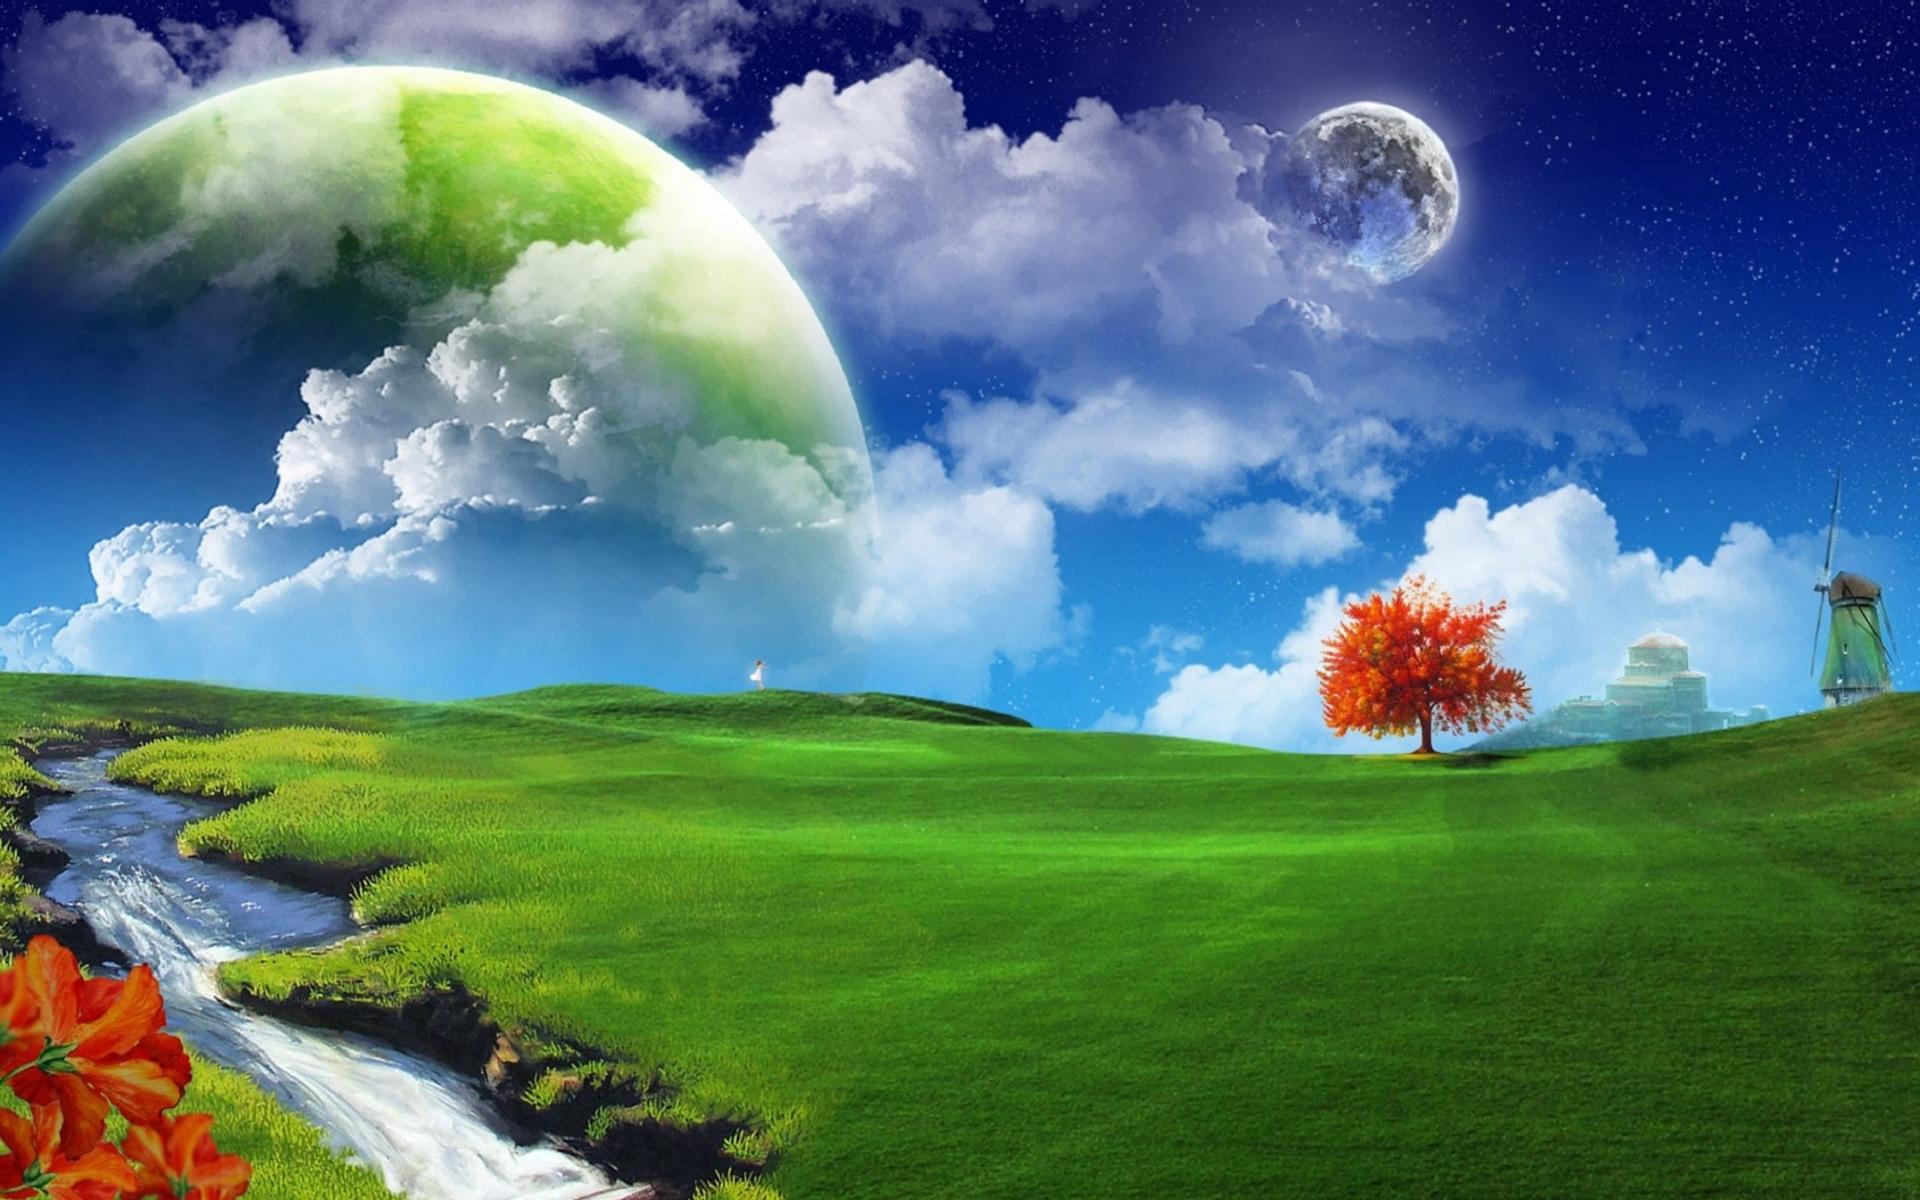 18642 скачать обои Пейзаж, Трава, Фон, Небо, Планеты, Облака, Луна - заставки и картинки бесплатно